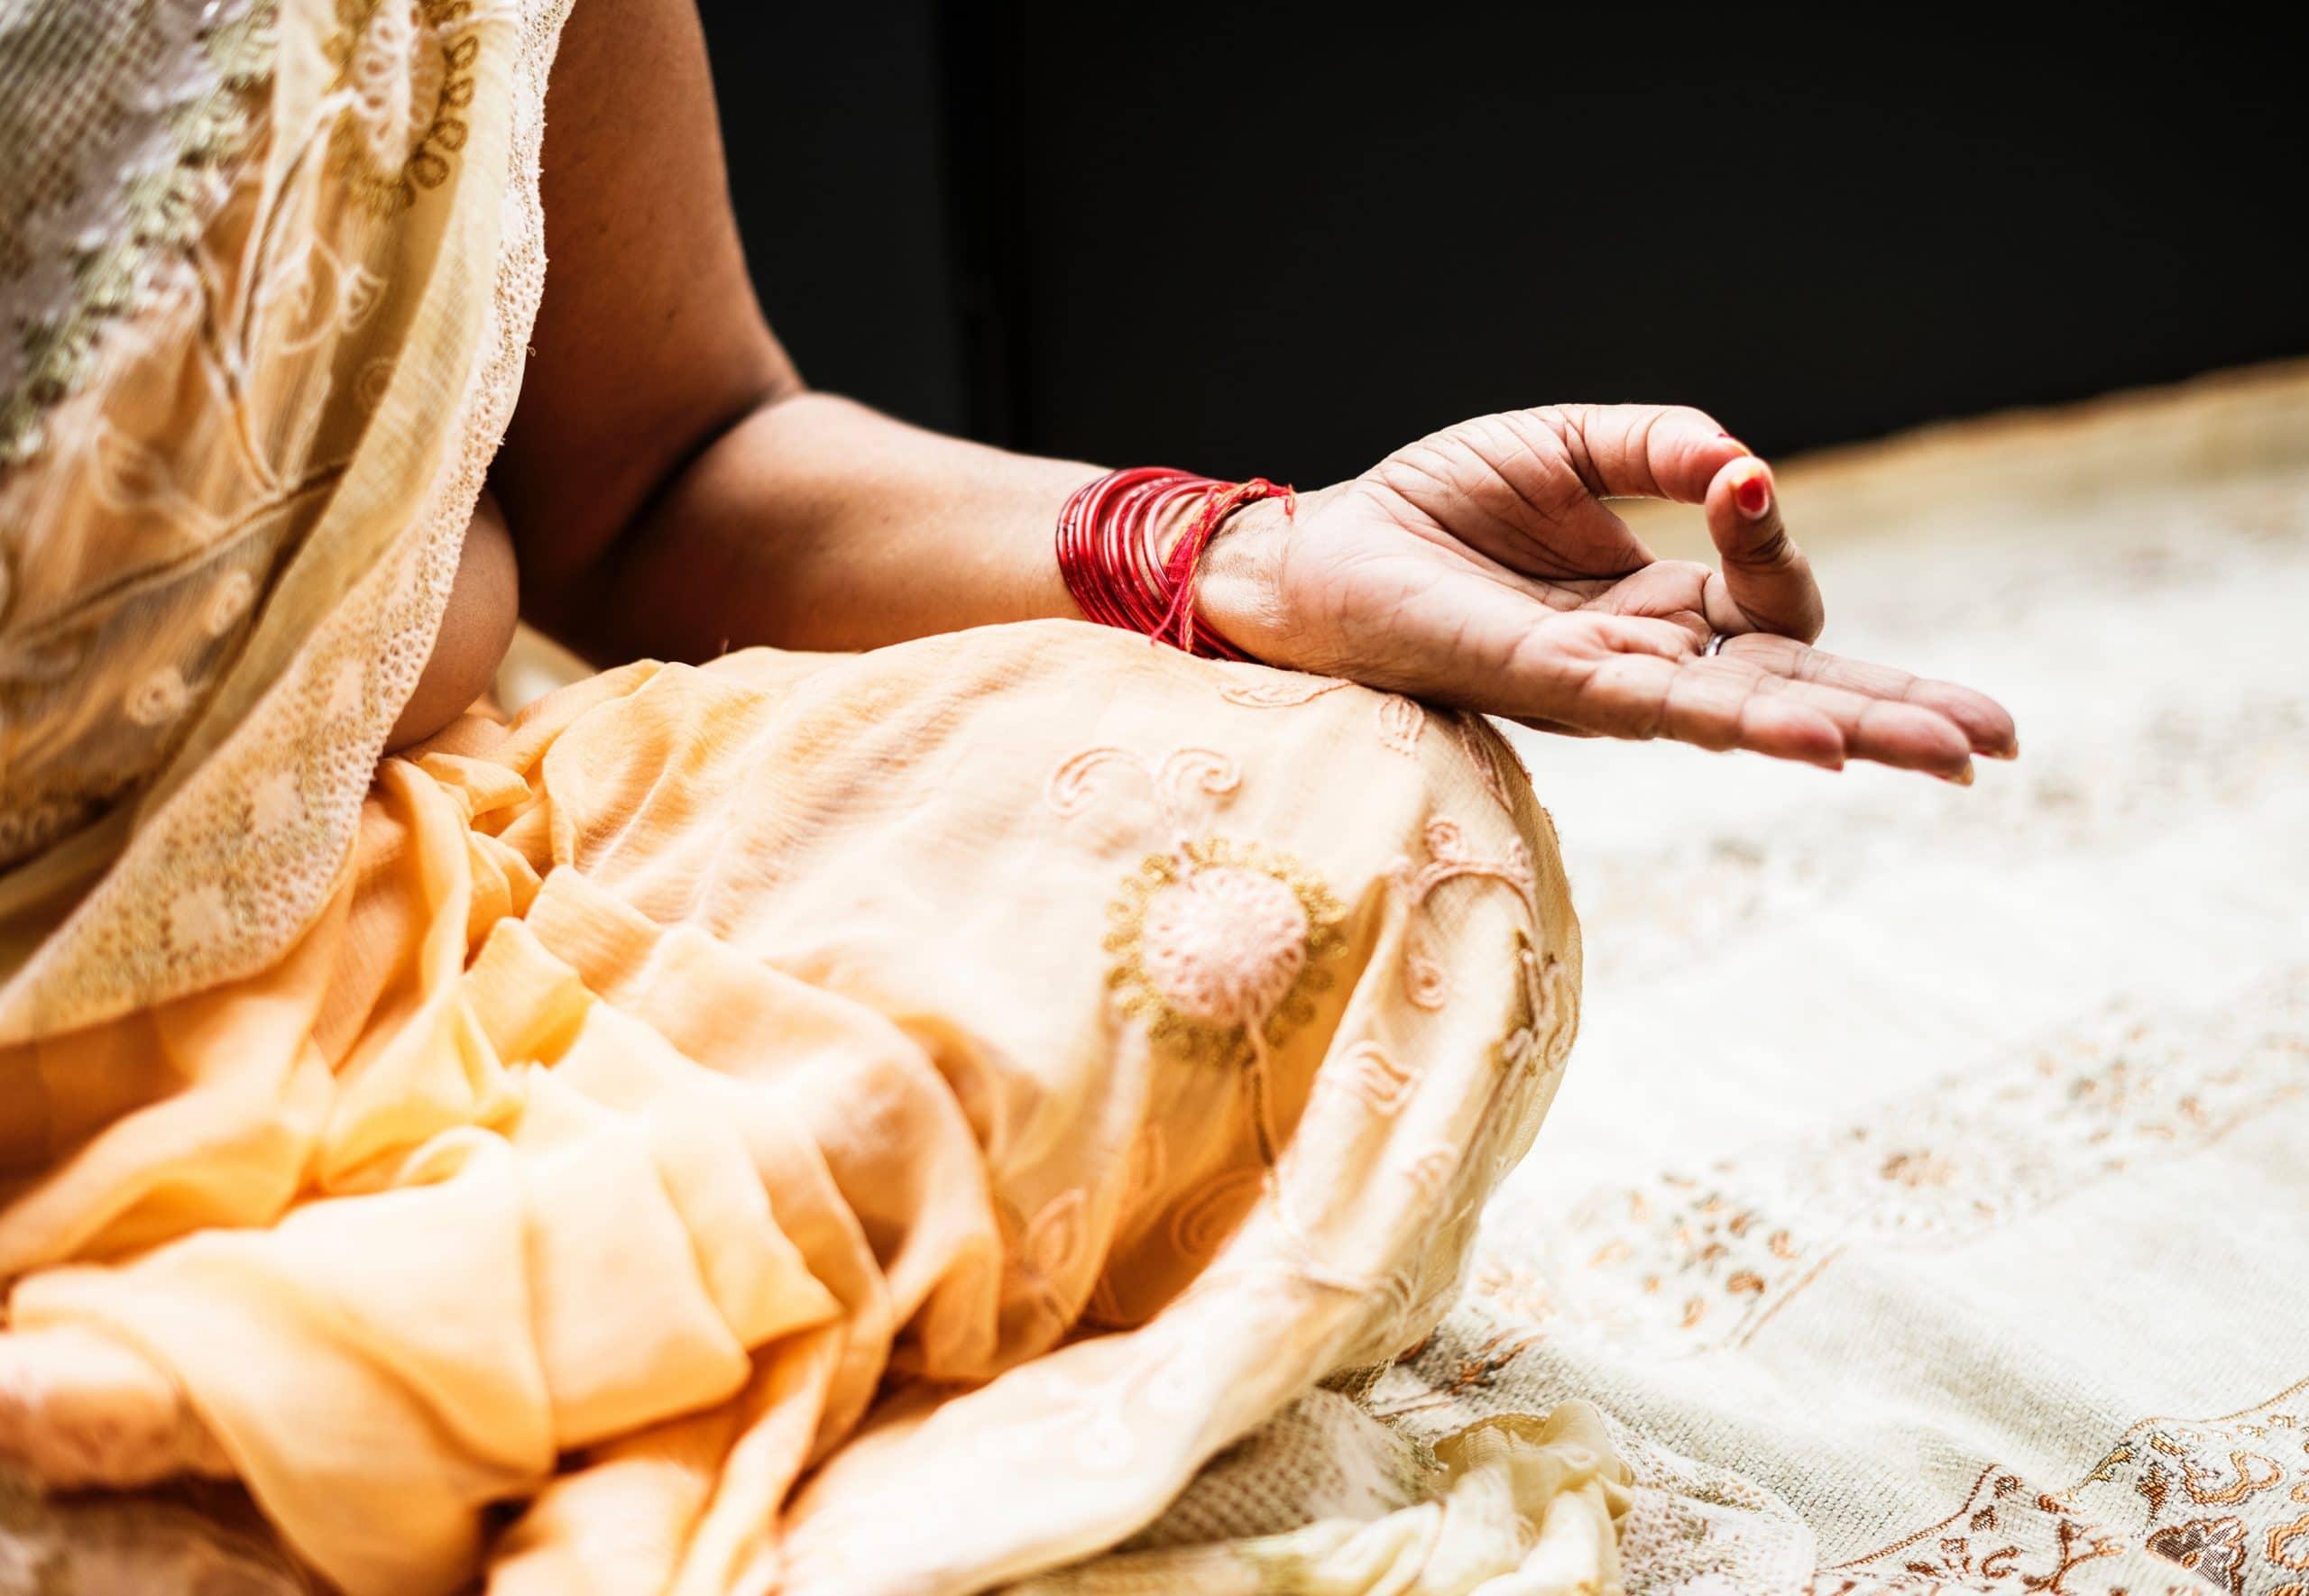 Mulher meditando. Aparentemente é indiano, ou está na Índia. Ela usa um vestido típico da região, nos tons laranja e amarelo. Usa uma pulseira vermelha.